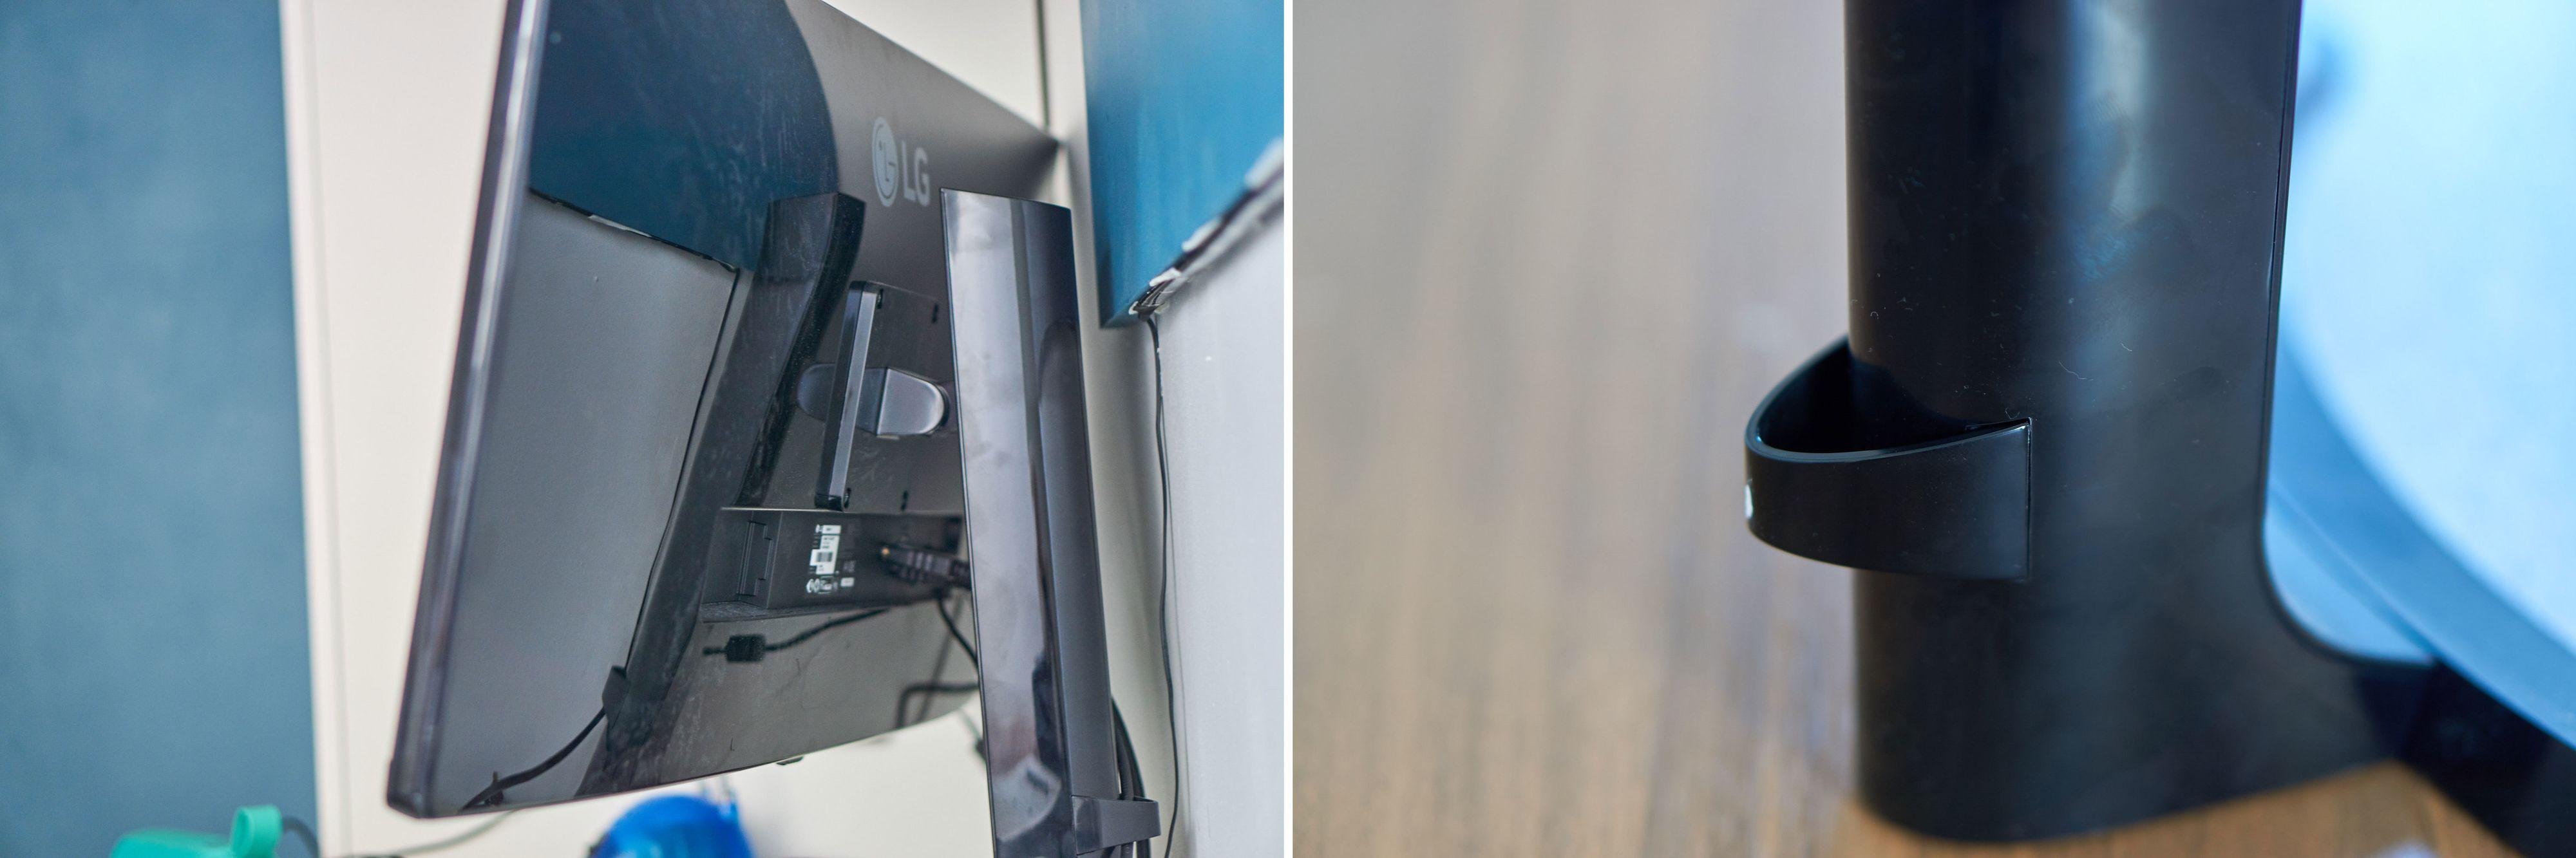 Cable management: med denne lille plastbiten kan du organisere kablene på en litt penere måte.